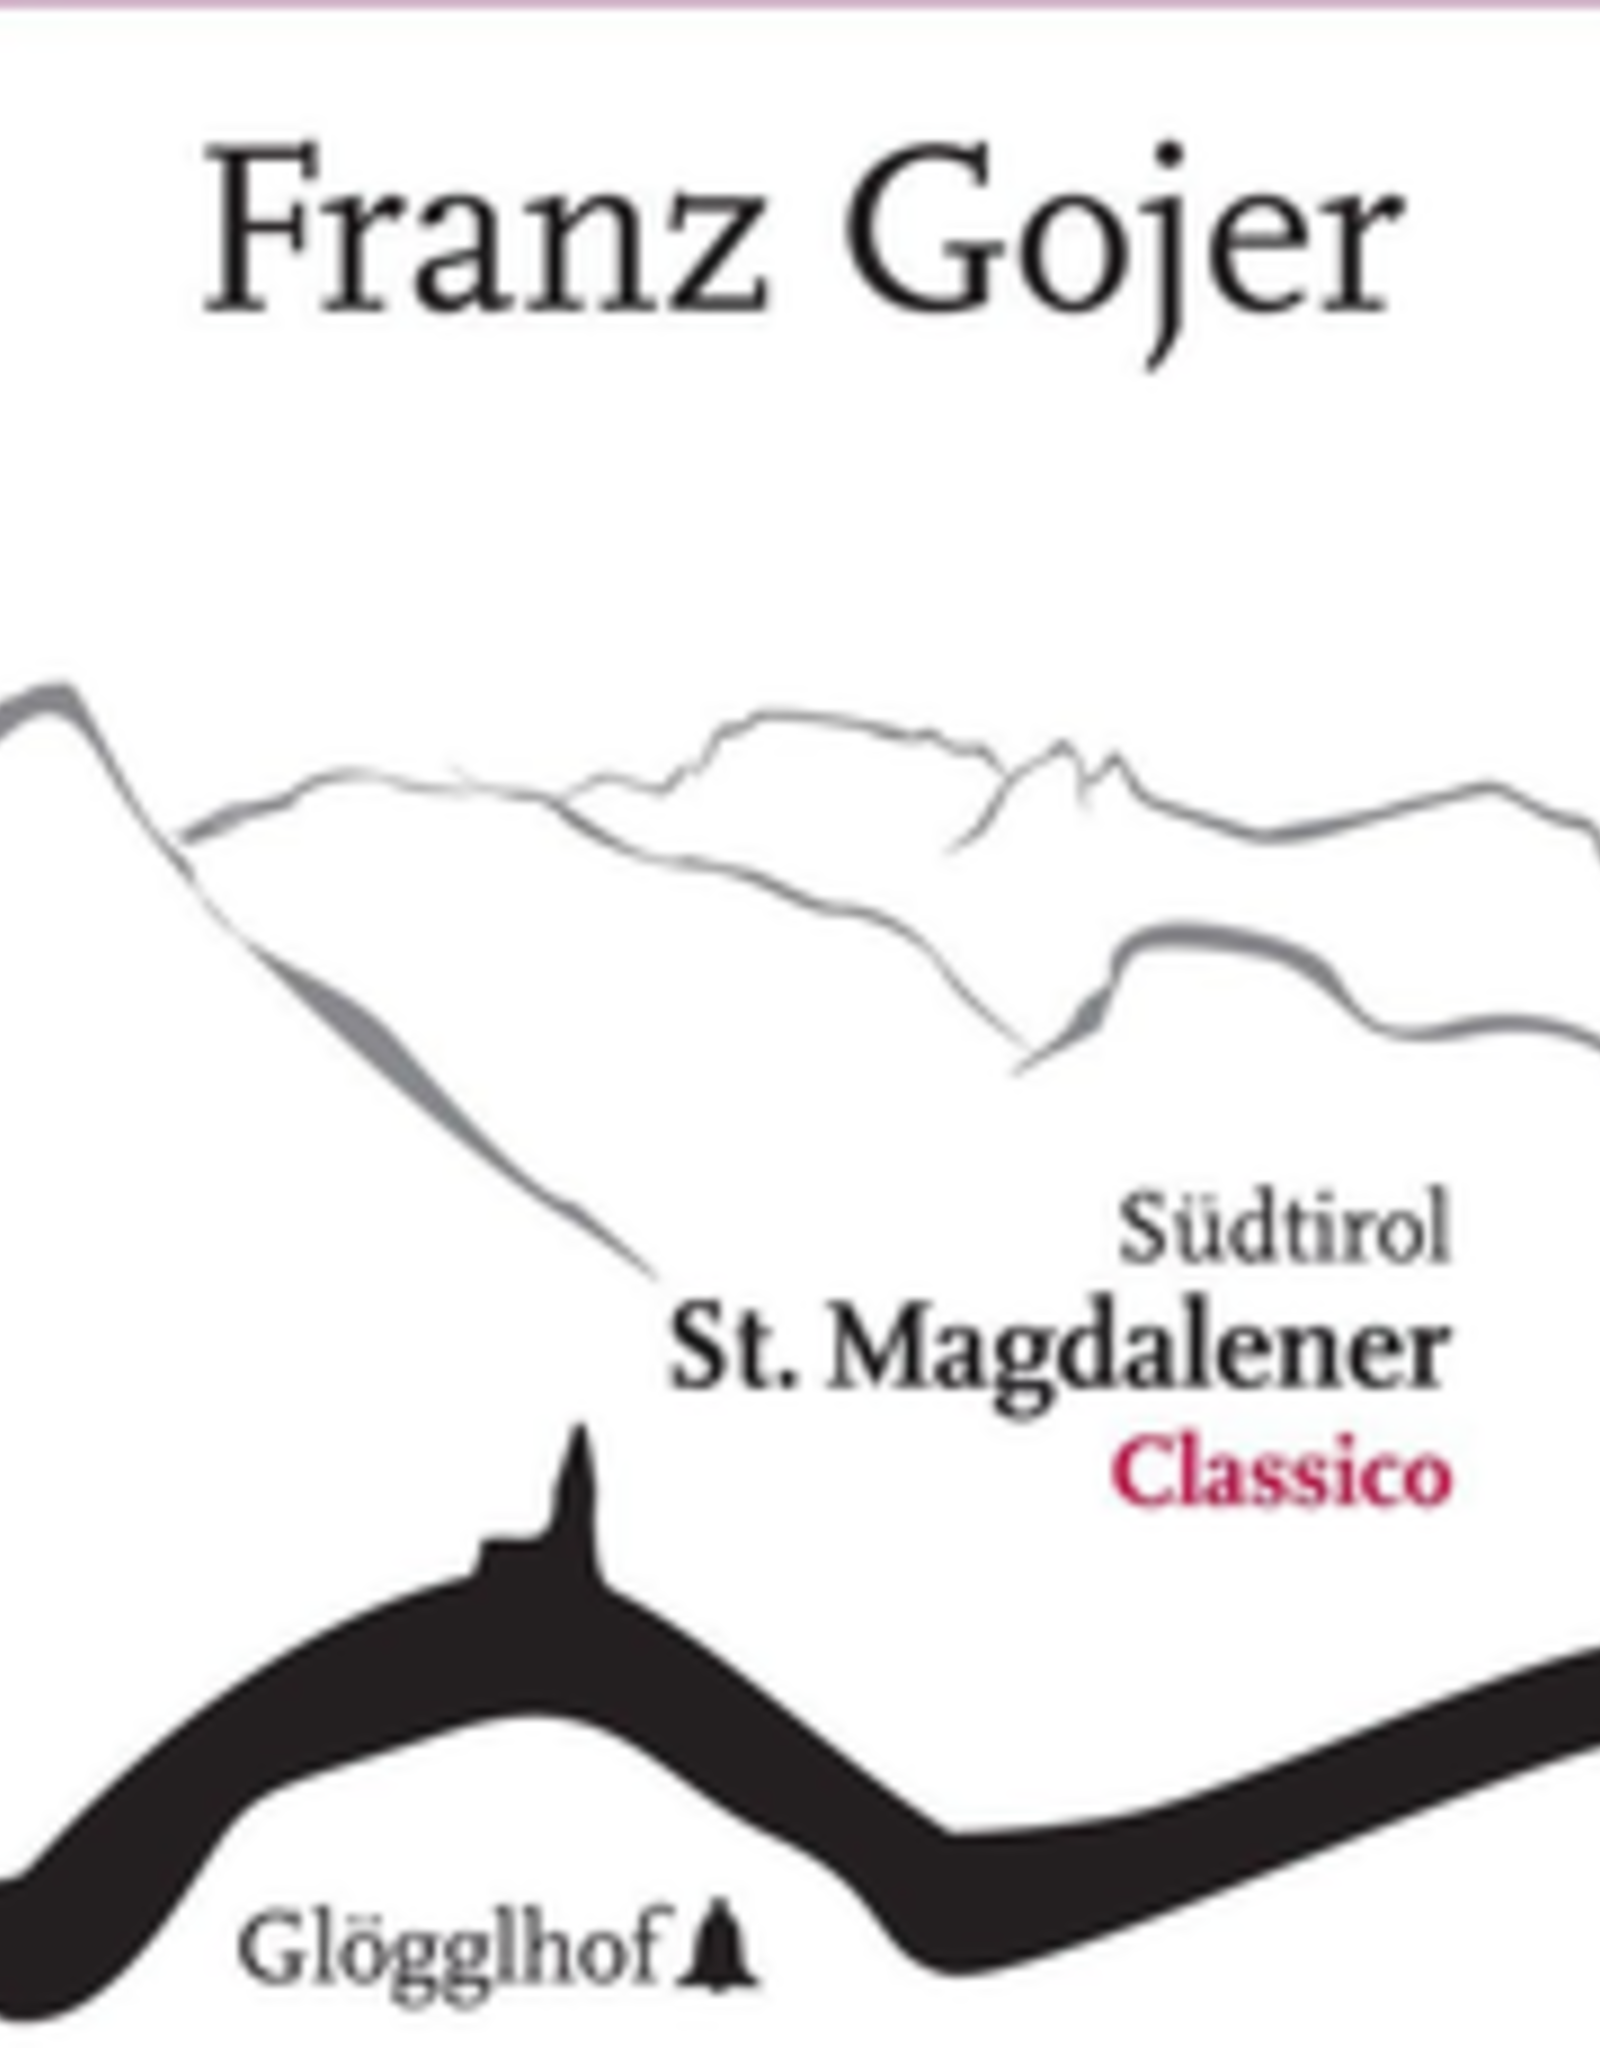 St. Magdalener, Franz Gojer 2020